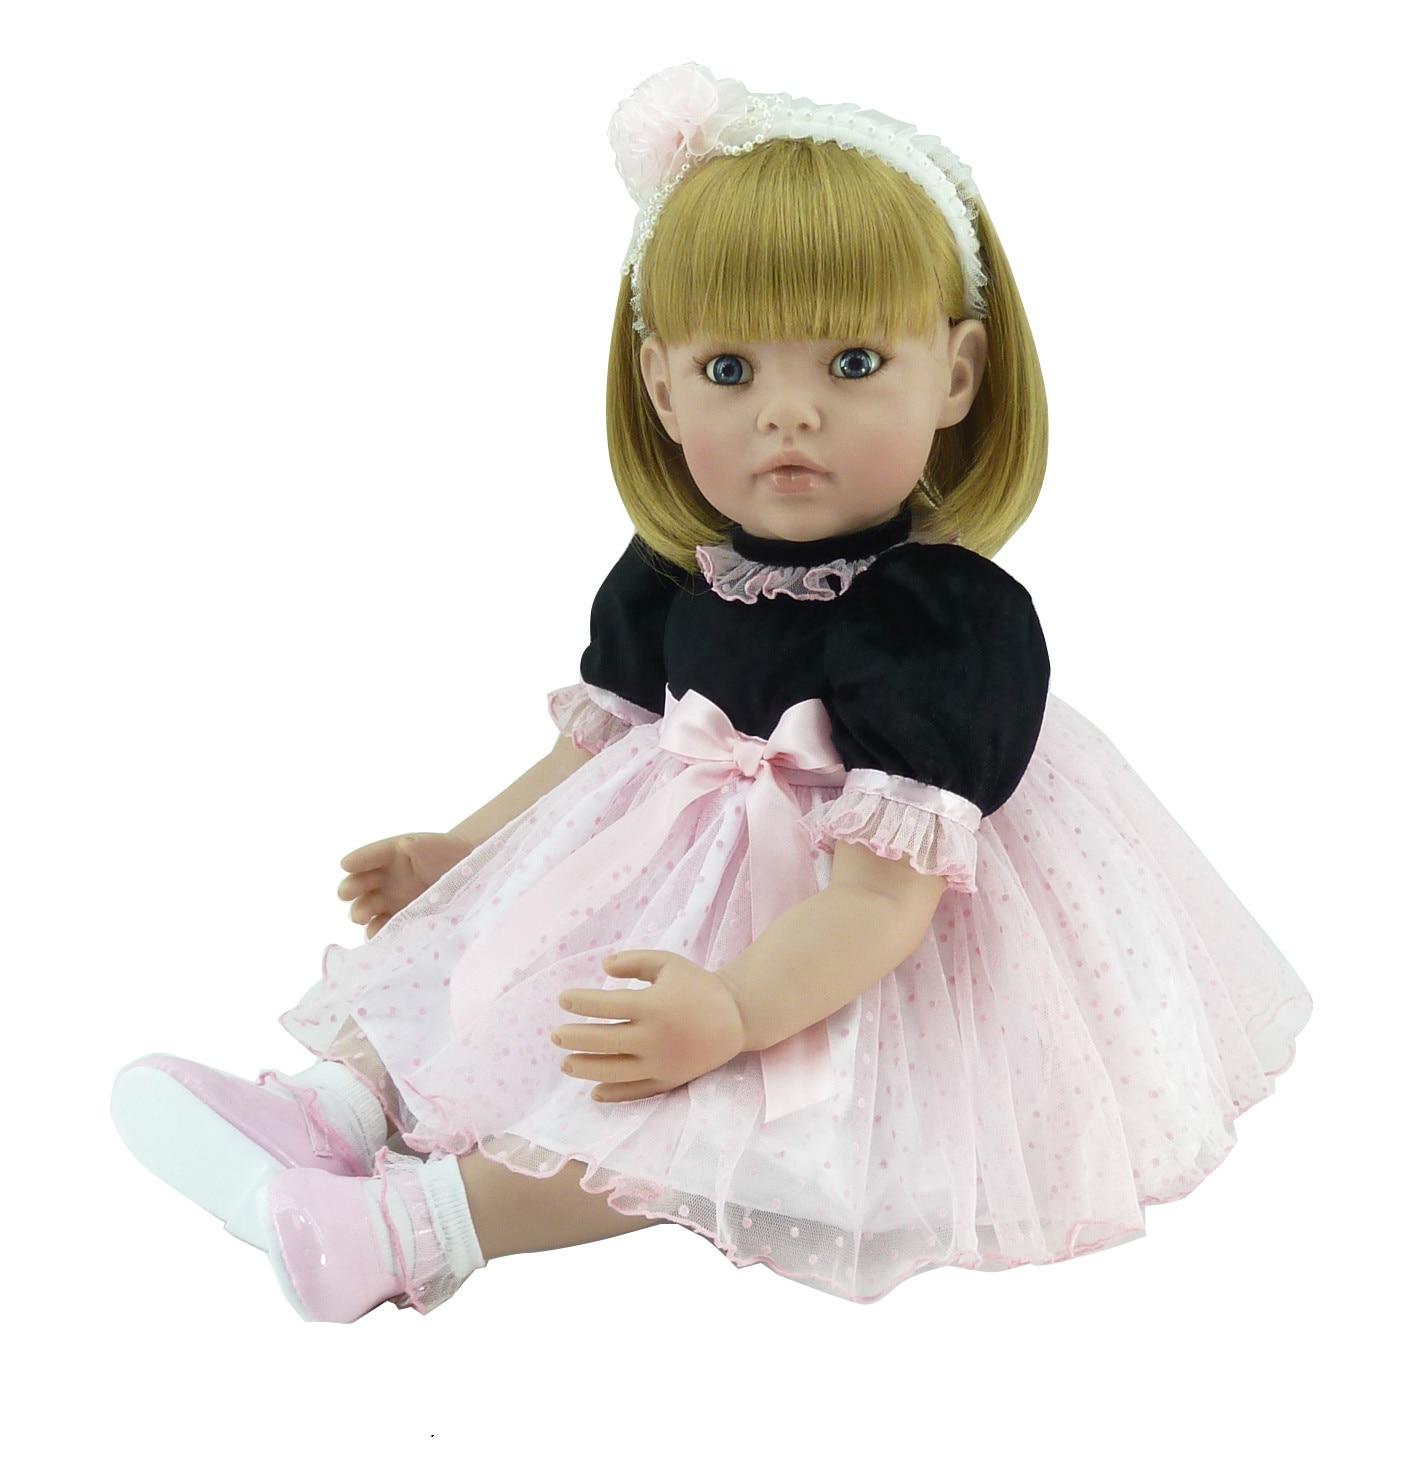 22 pollice morbido silicone reborn baby doll toy realistica ragazza bambola della principessa del bambino play house toys compleanno regalo di natale presente22 pollice morbido silicone reborn baby doll toy realistica ragazza bambola della principessa del bambino play house toys compleanno regalo di natale presente